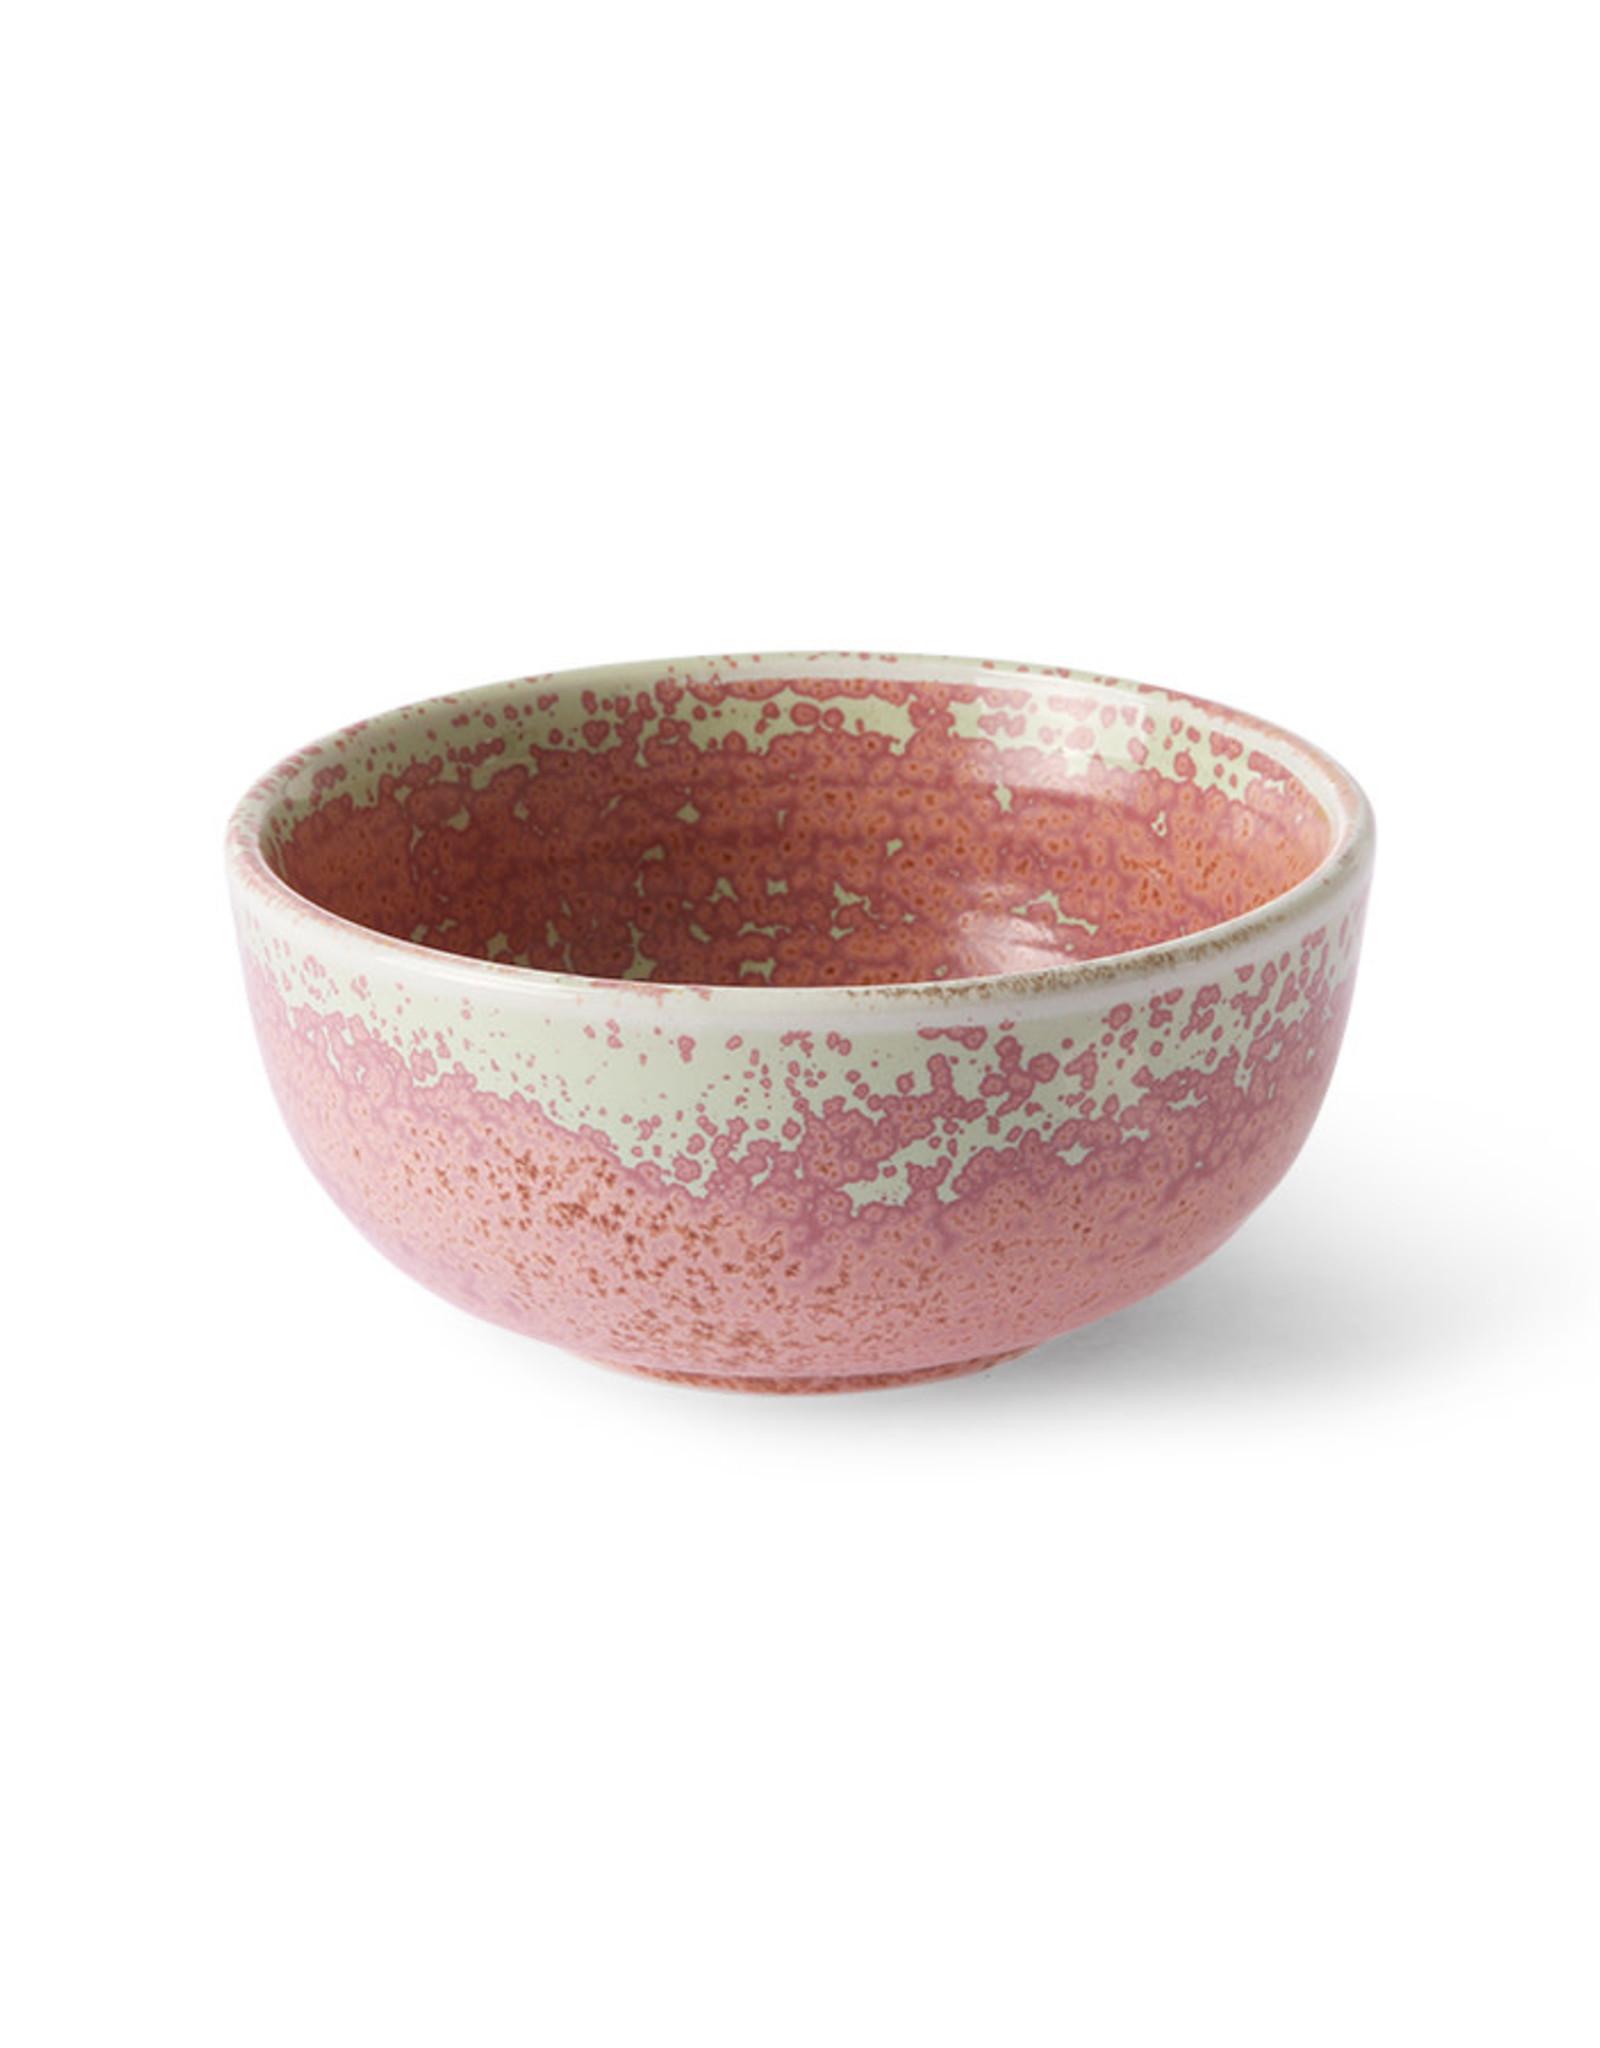 HKliving HKliving Homechef Ceramics Bowl Rustic Pink